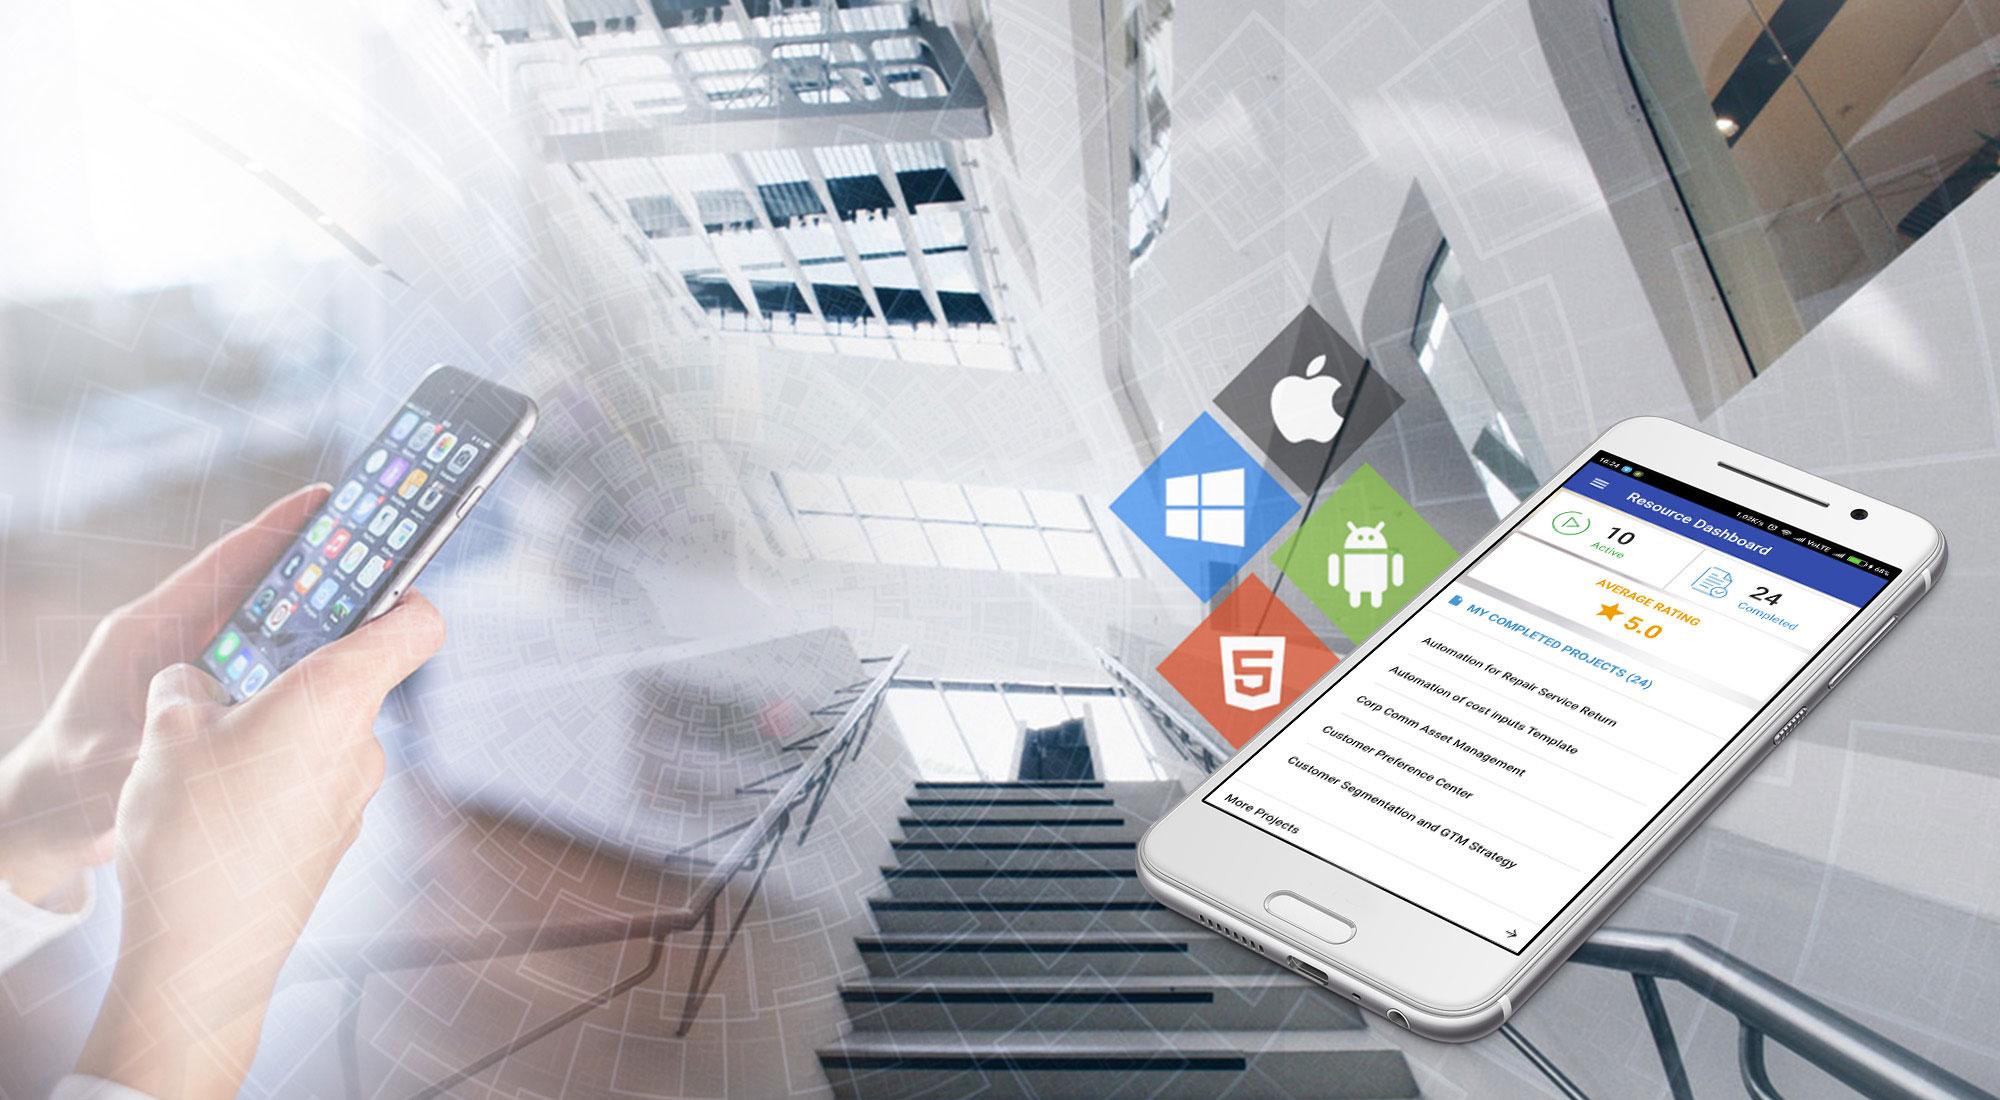 klst-mobile-hybrid-app